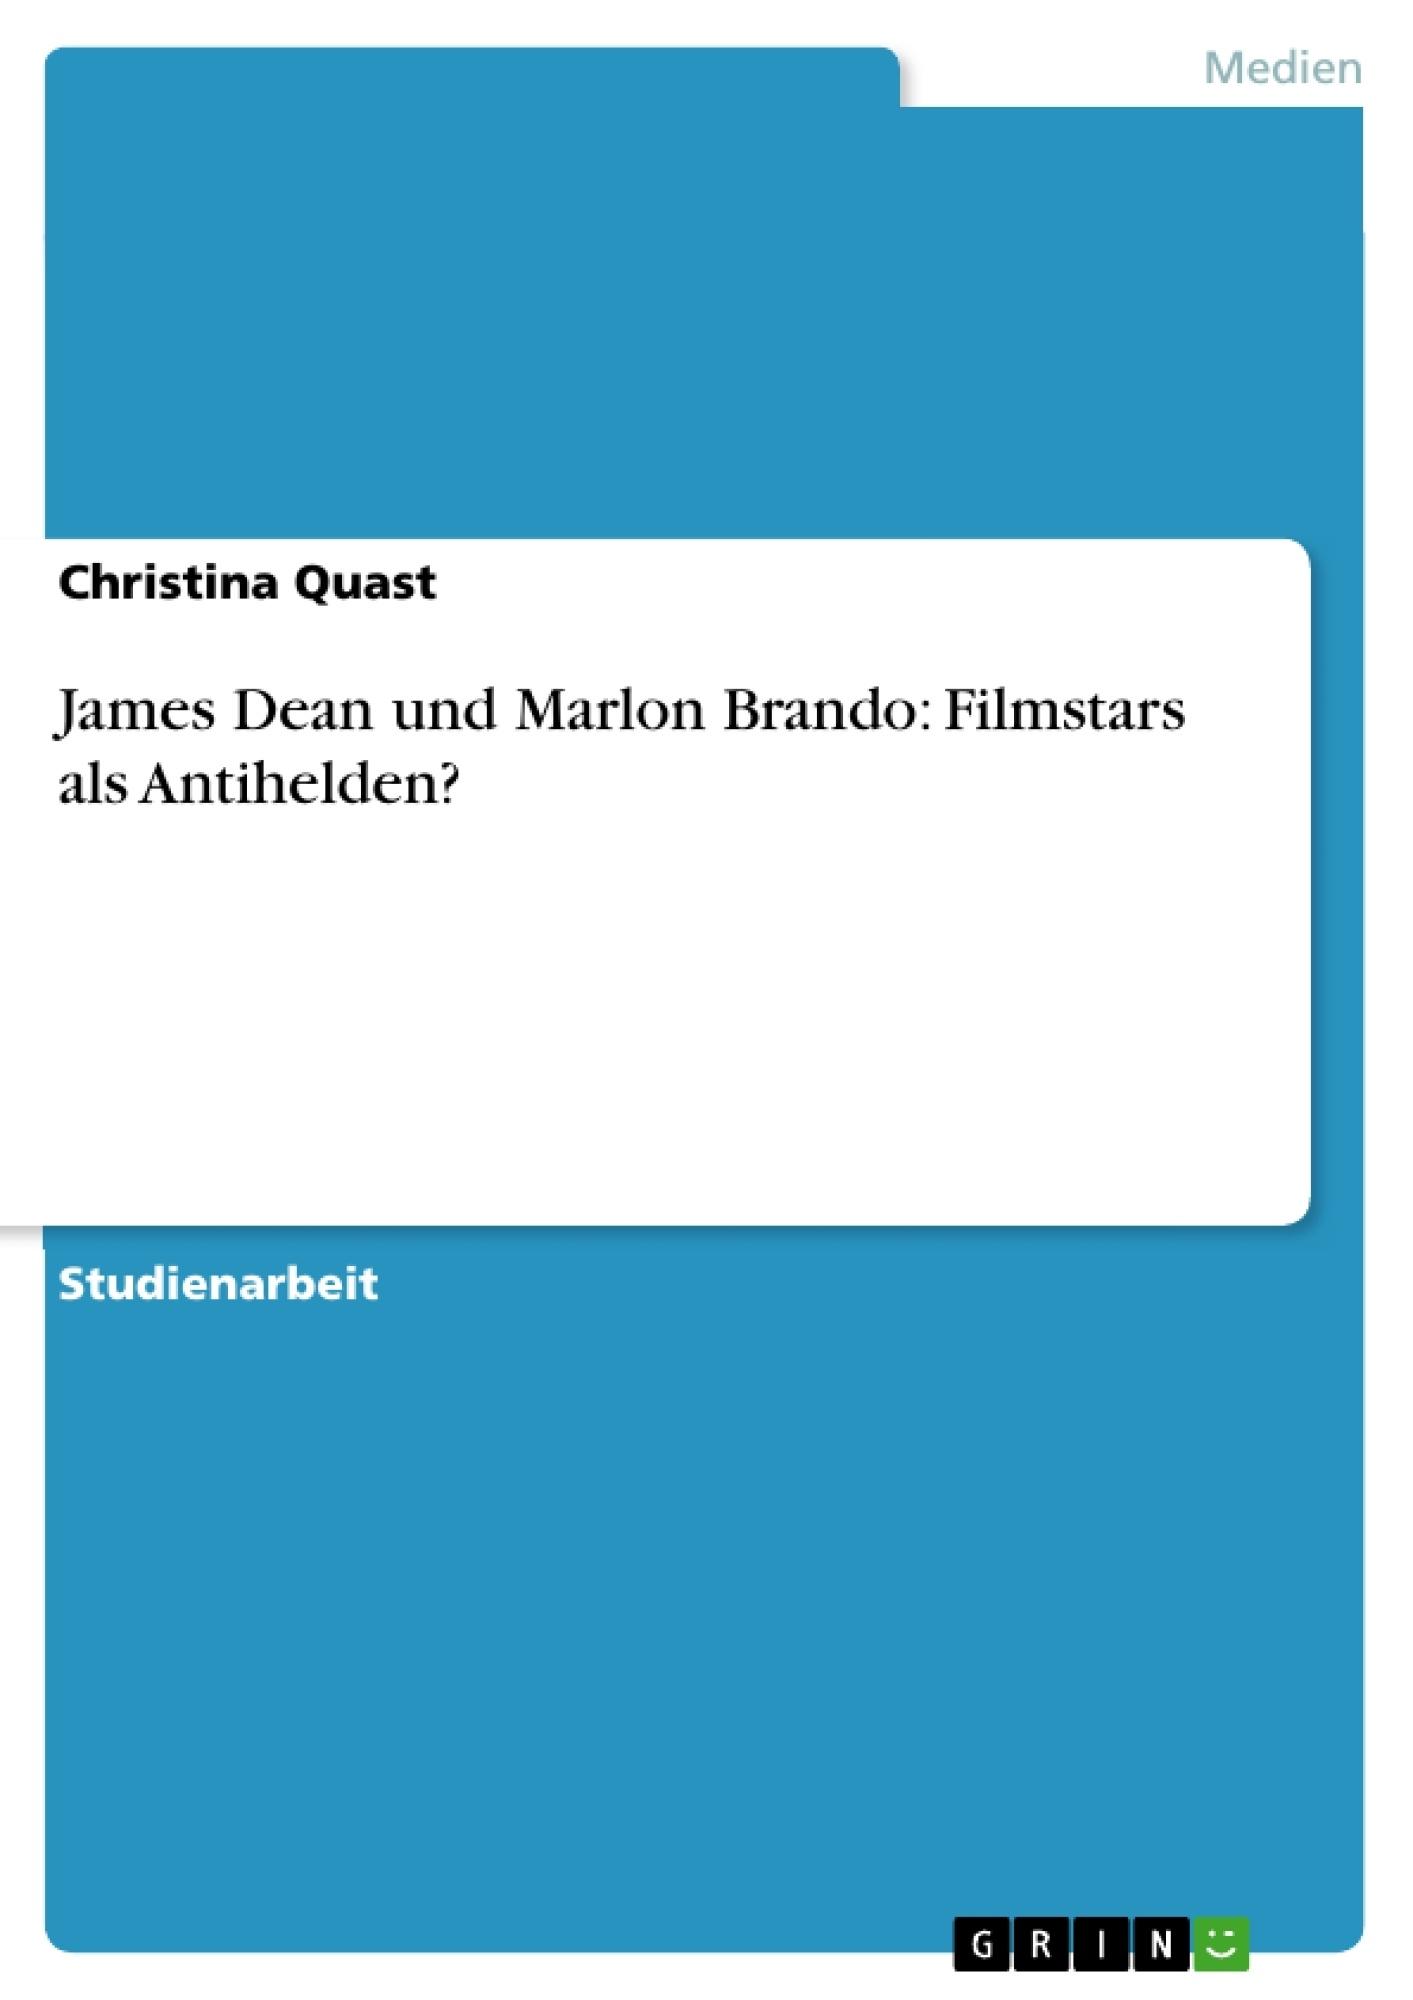 Titel: James Dean und Marlon Brando: Filmstars als Antihelden?